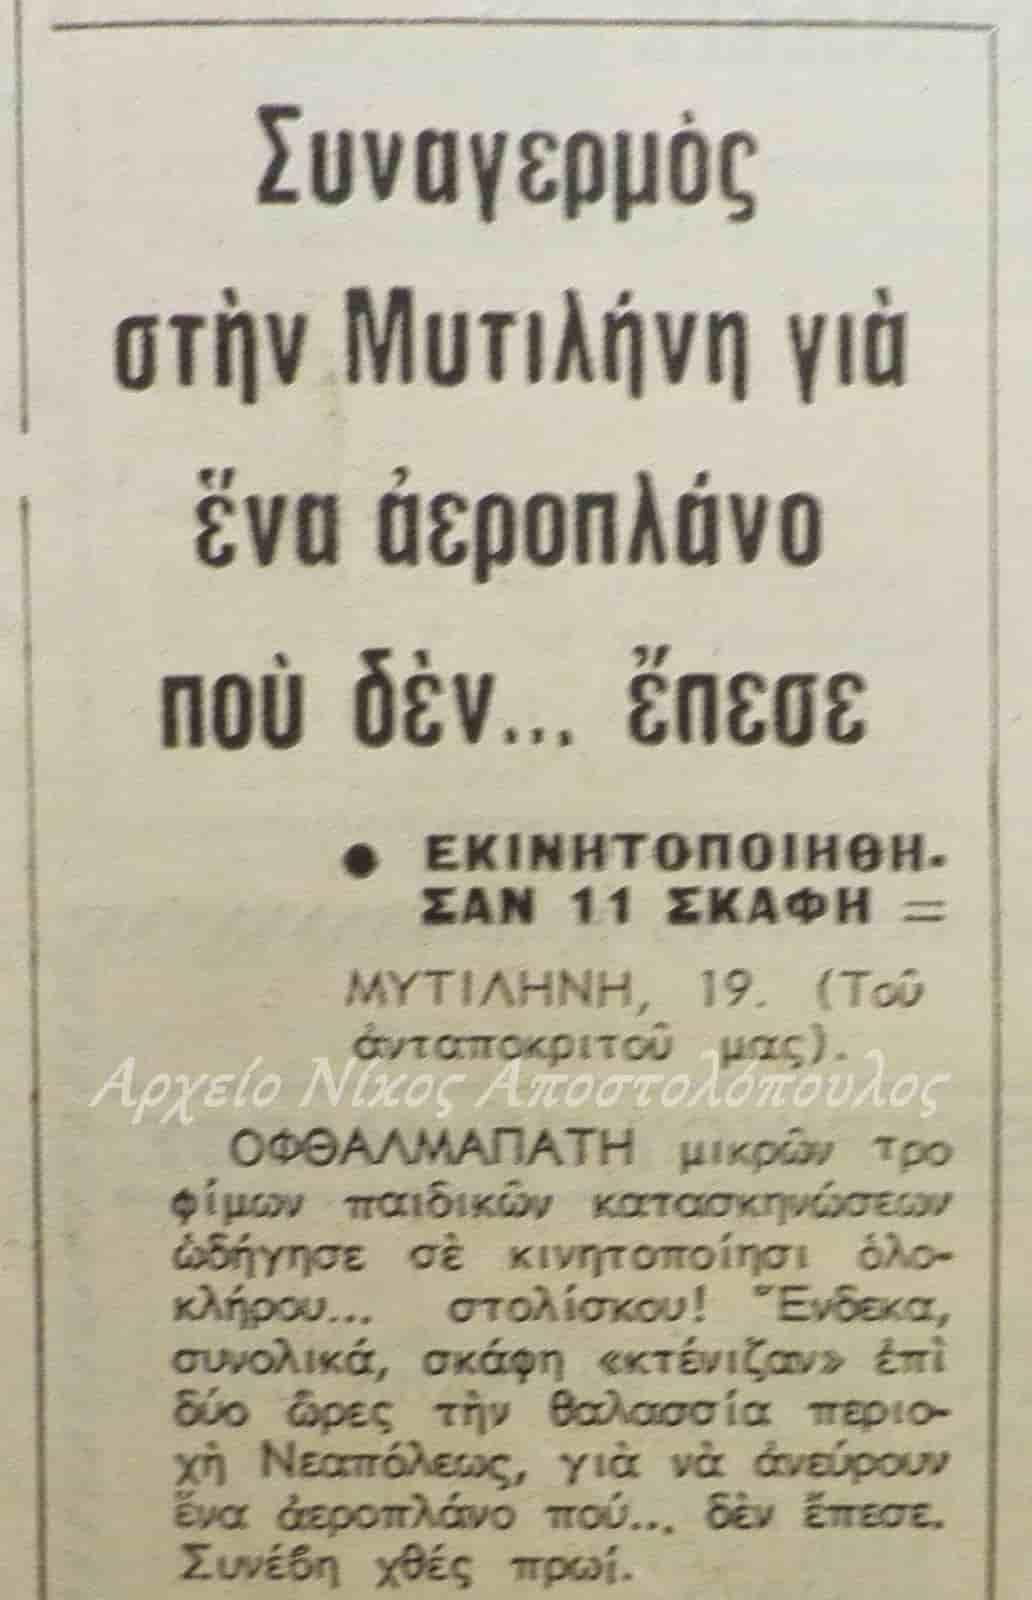 Άγνωστα Υποβρύχια Αντικείμενα στις Ελληνικές Θάλασσες